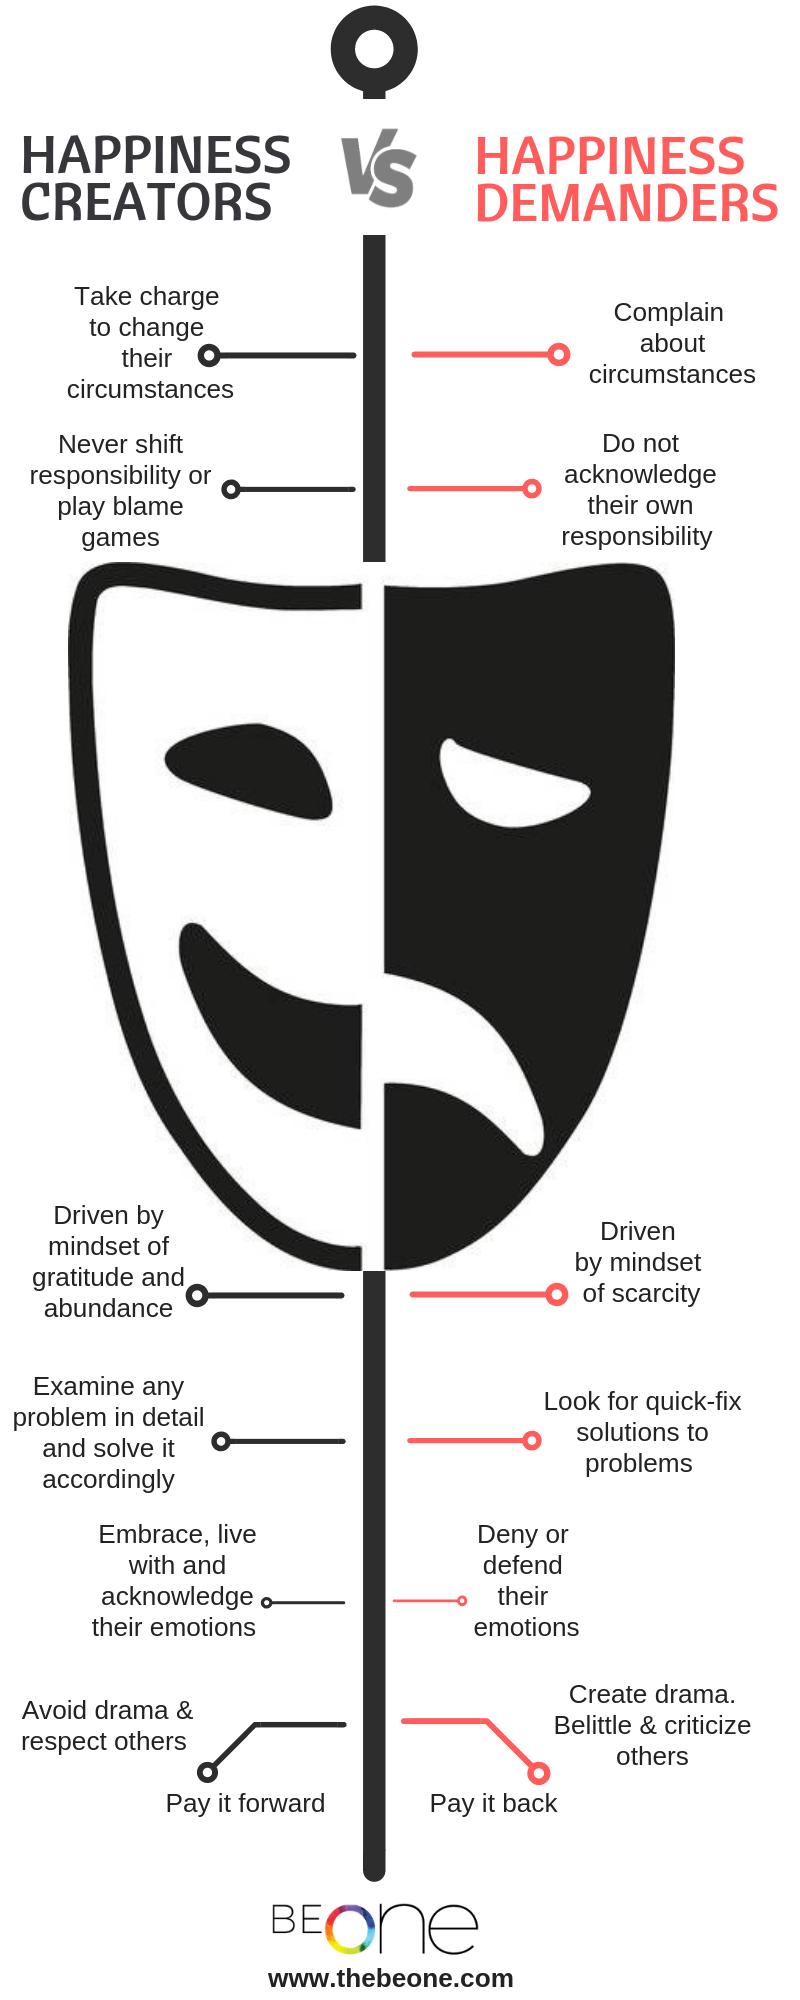 Happiness-Creators-vs-Happiness-Demanders